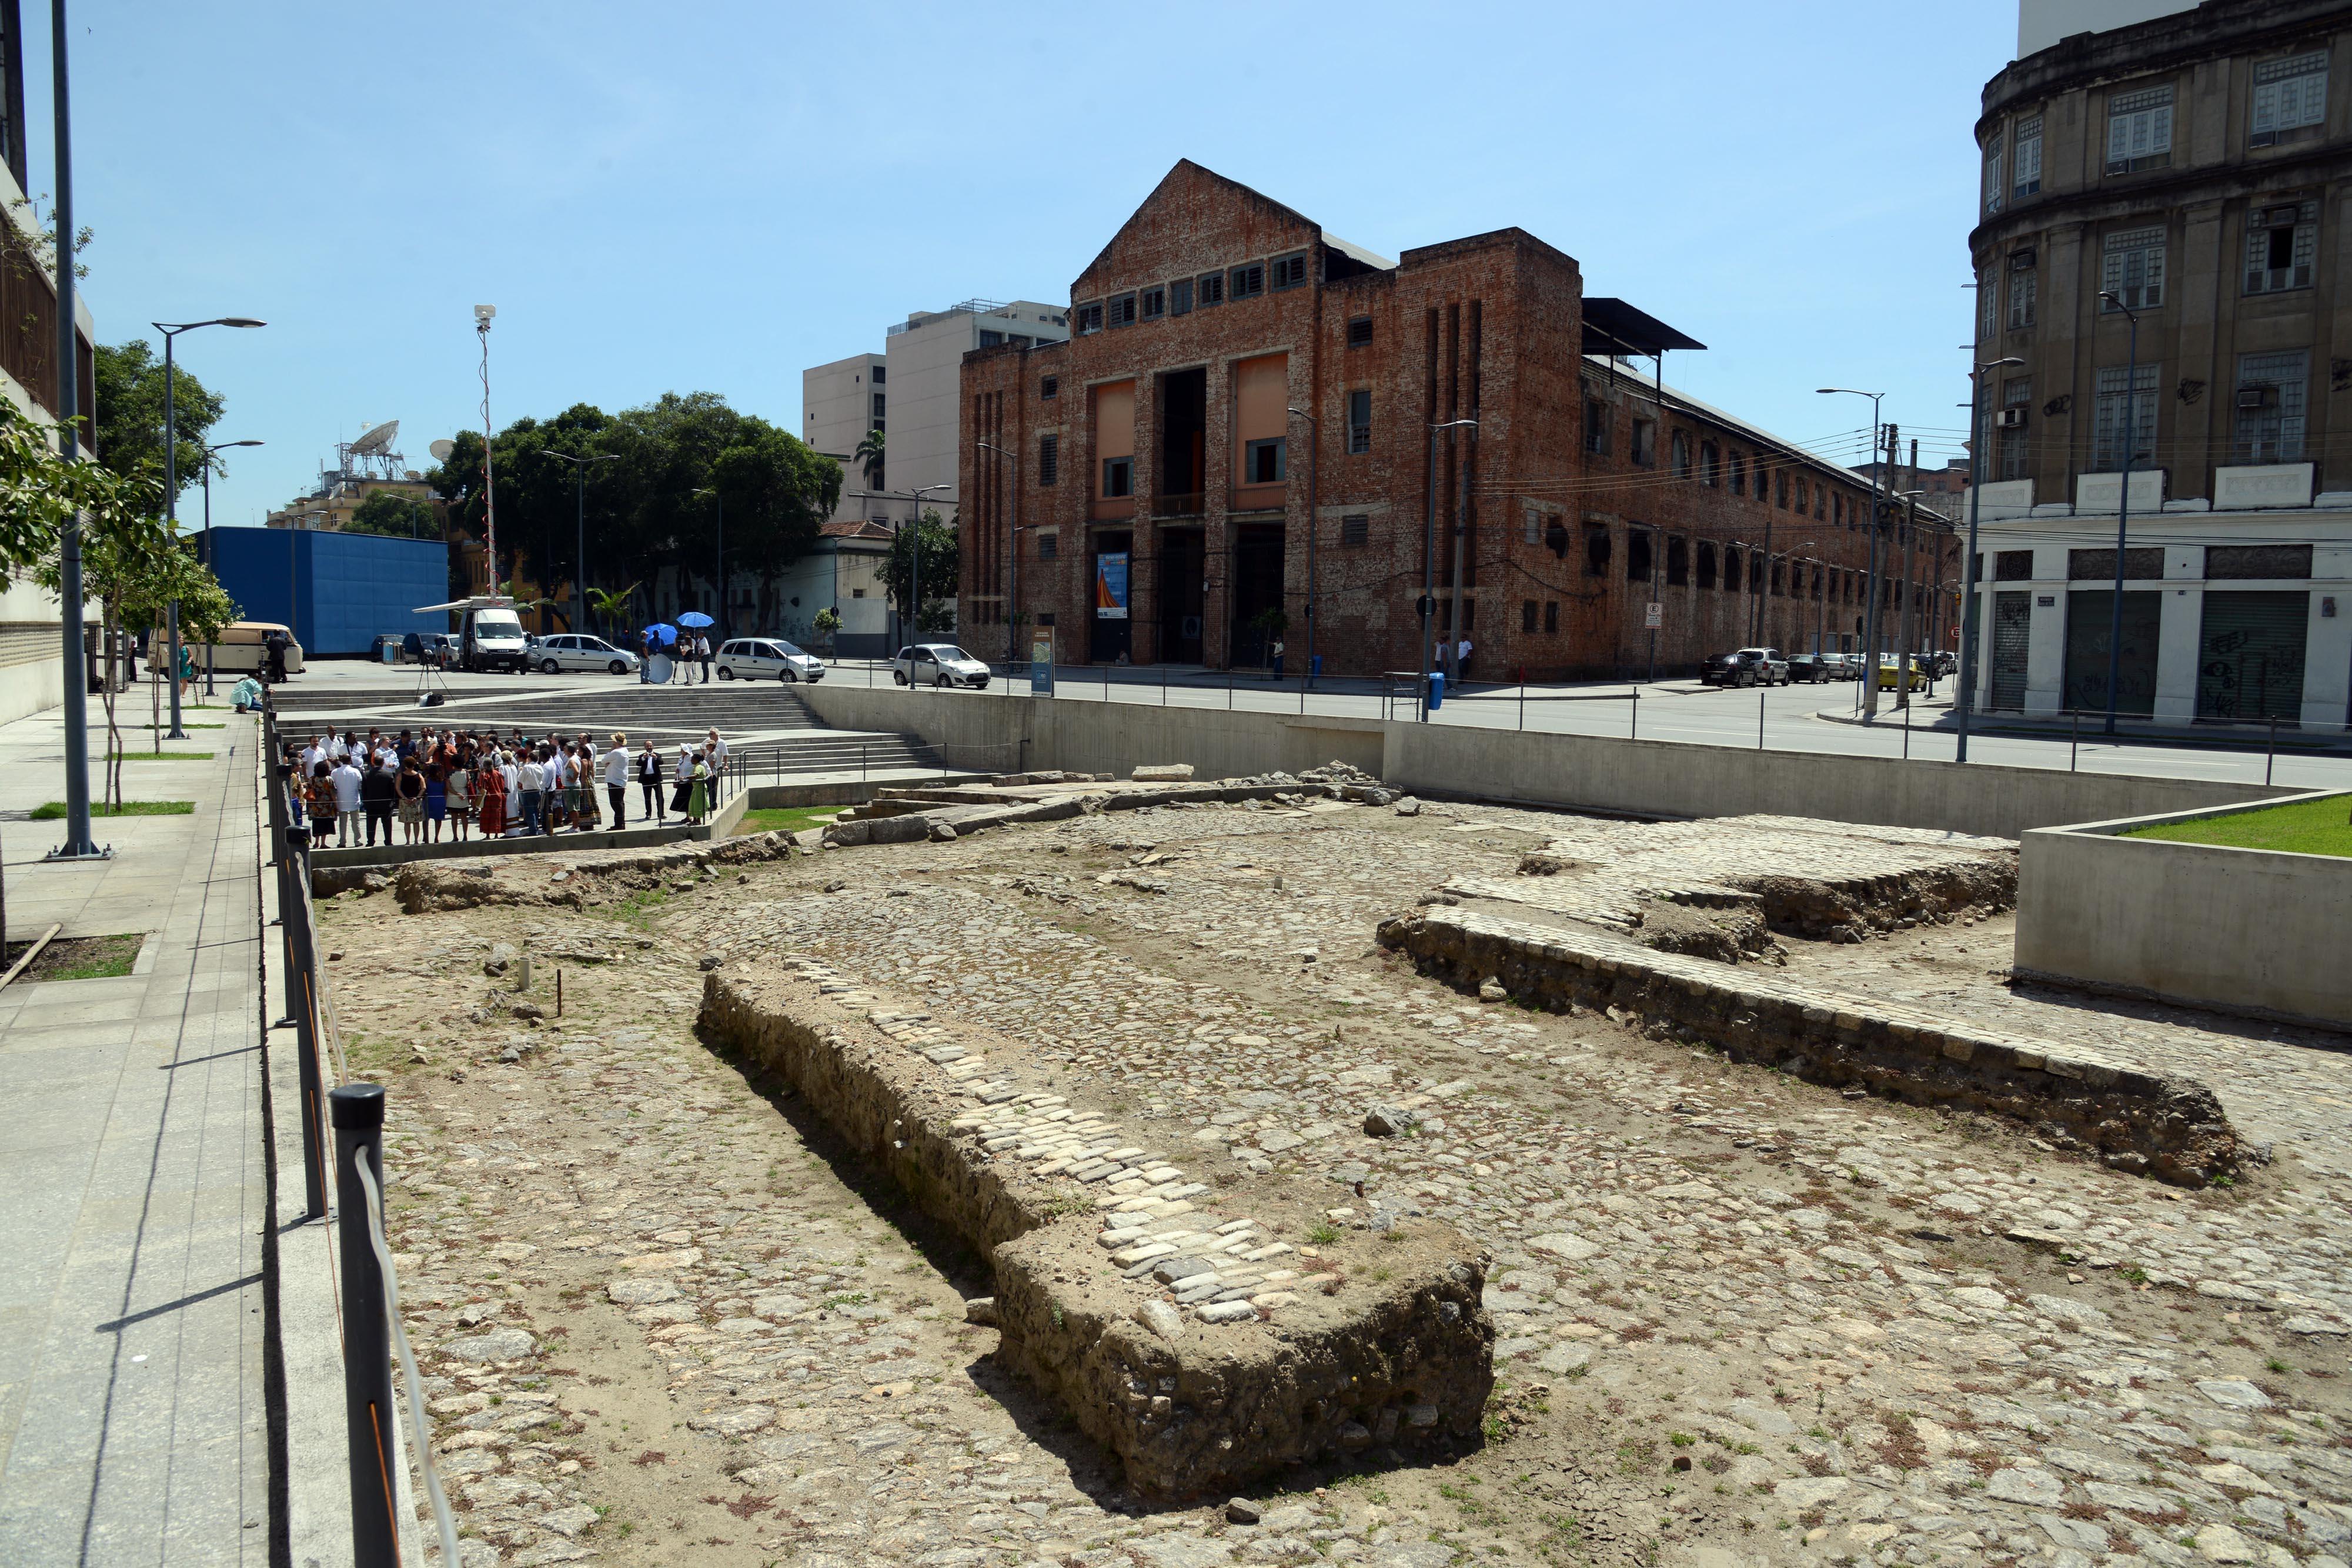 O Cais do Valongo foi construído em 1811 pela Intendência Geral de Polícia da Corte do Rio de Janeiro